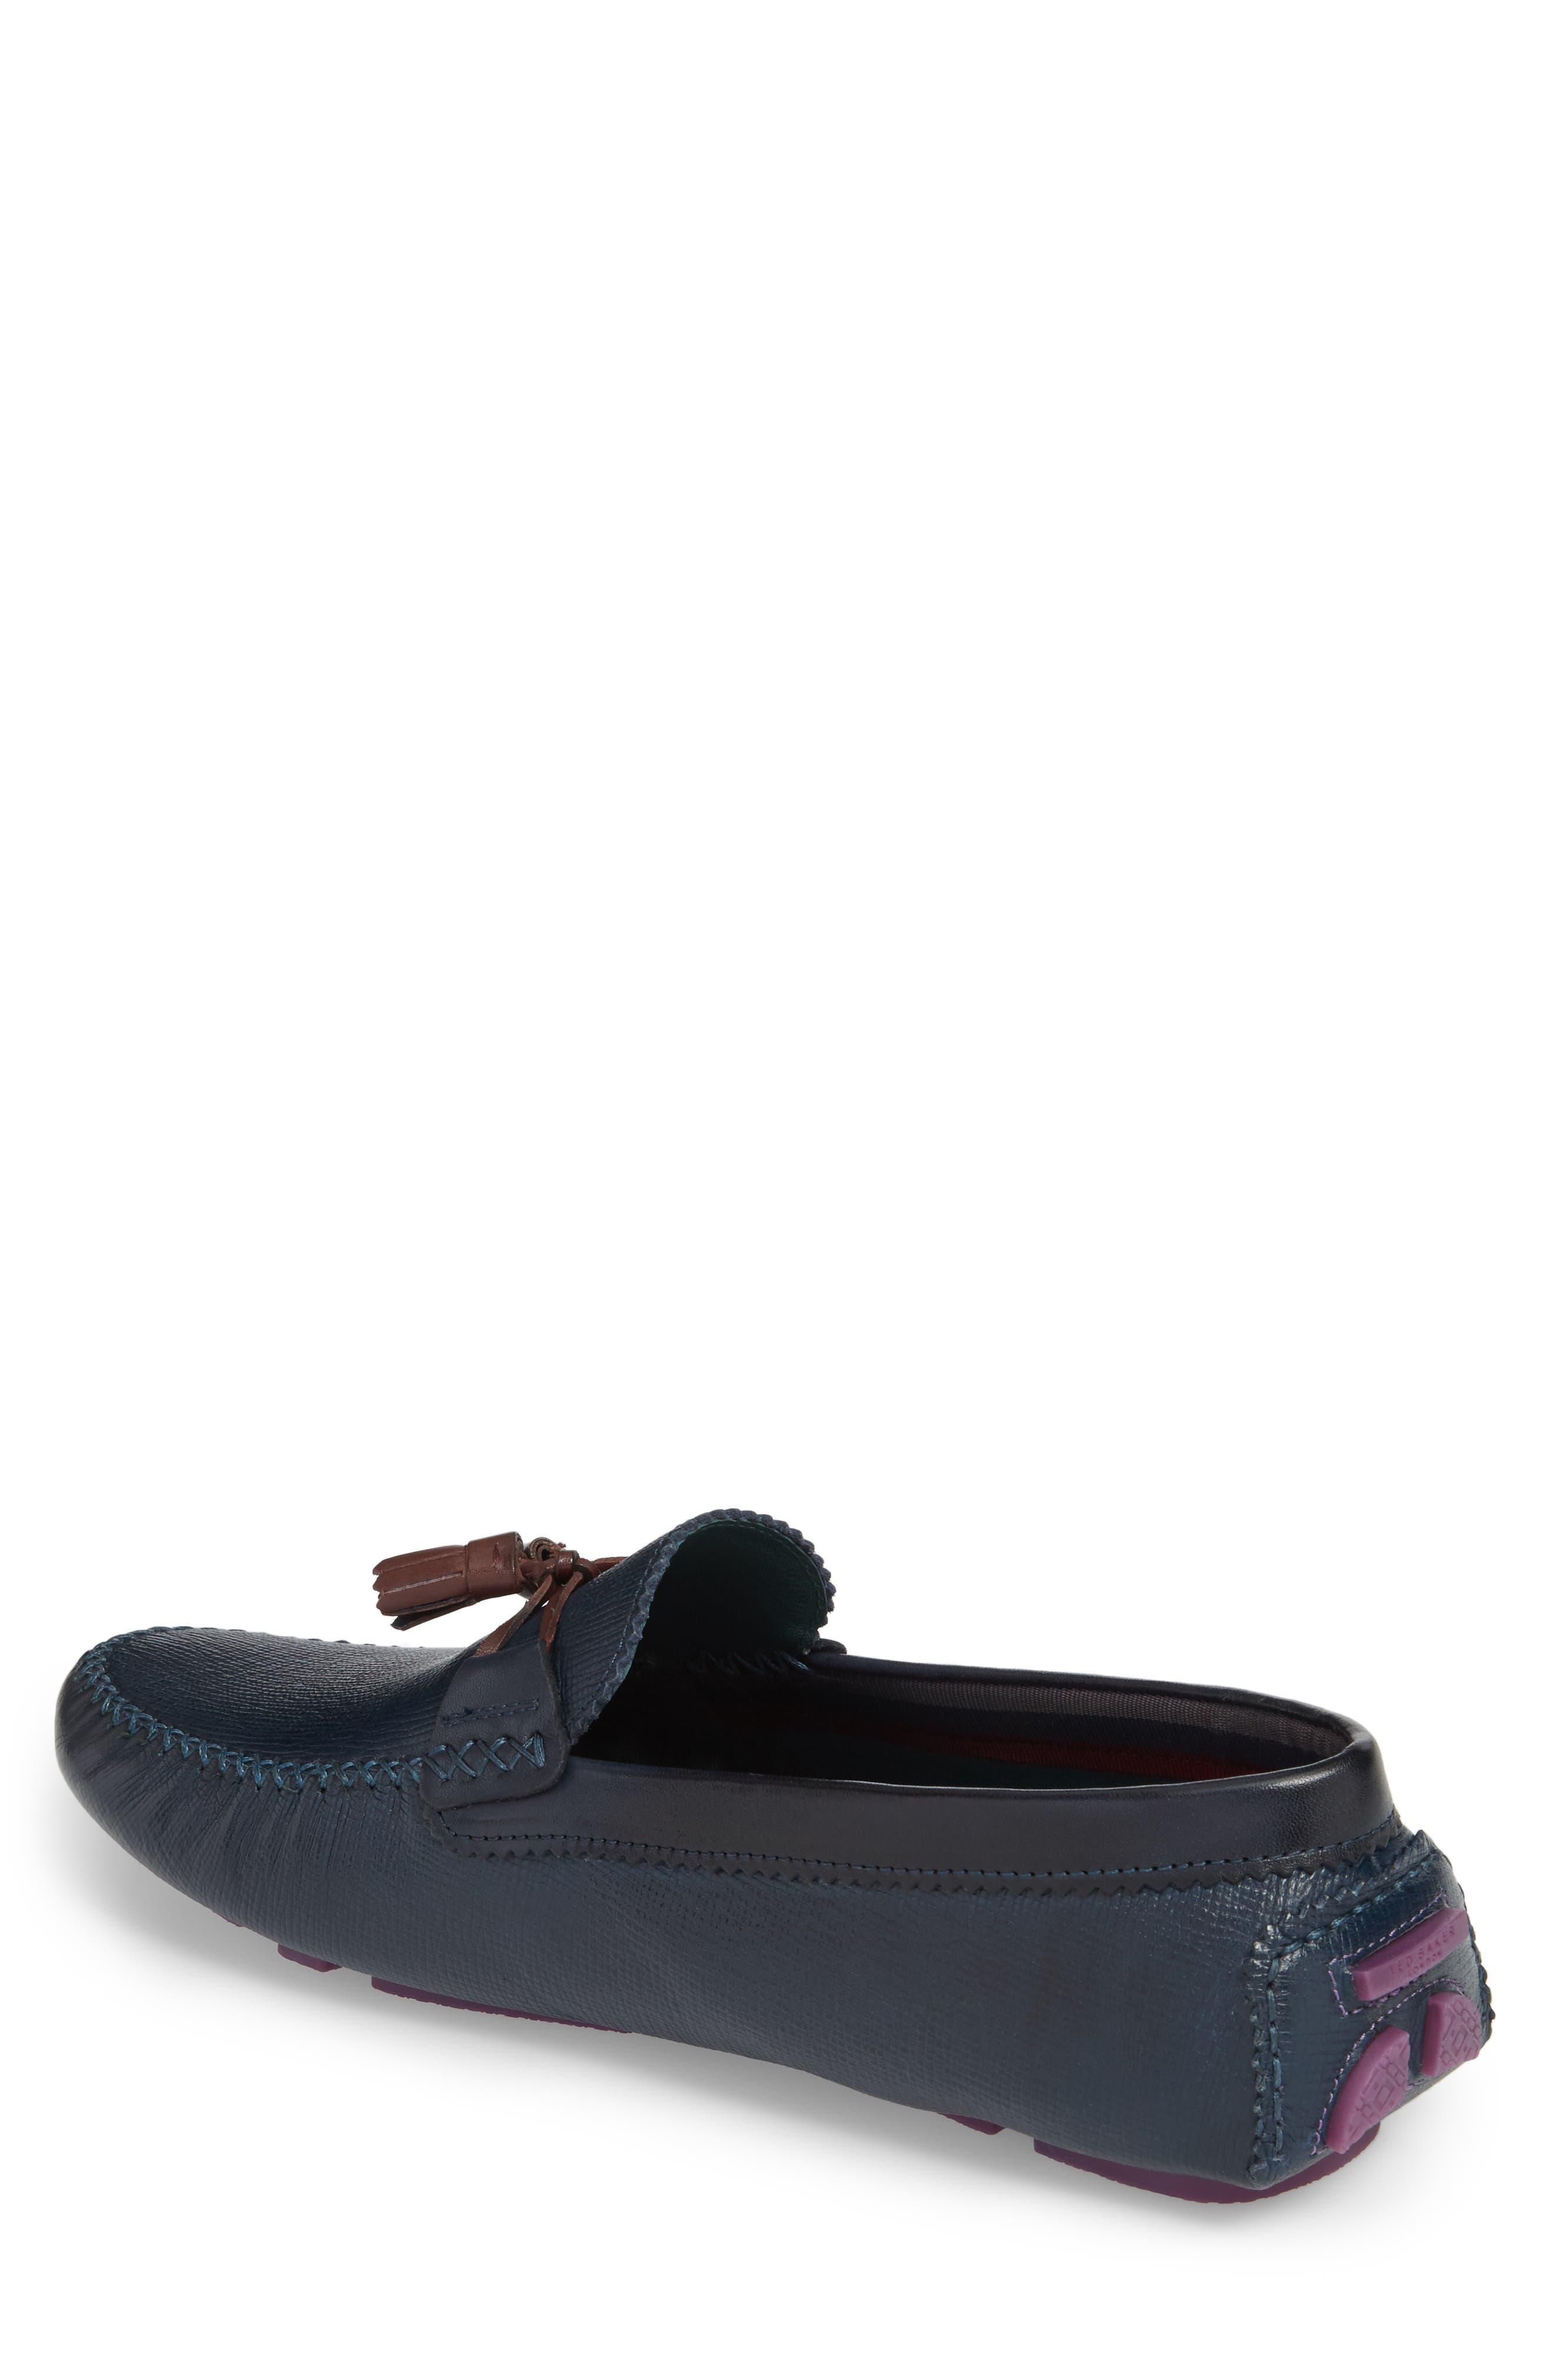 Alternate Image 2  - Ted Baker London Urbonn Tasseled Driving Loafer (Men)